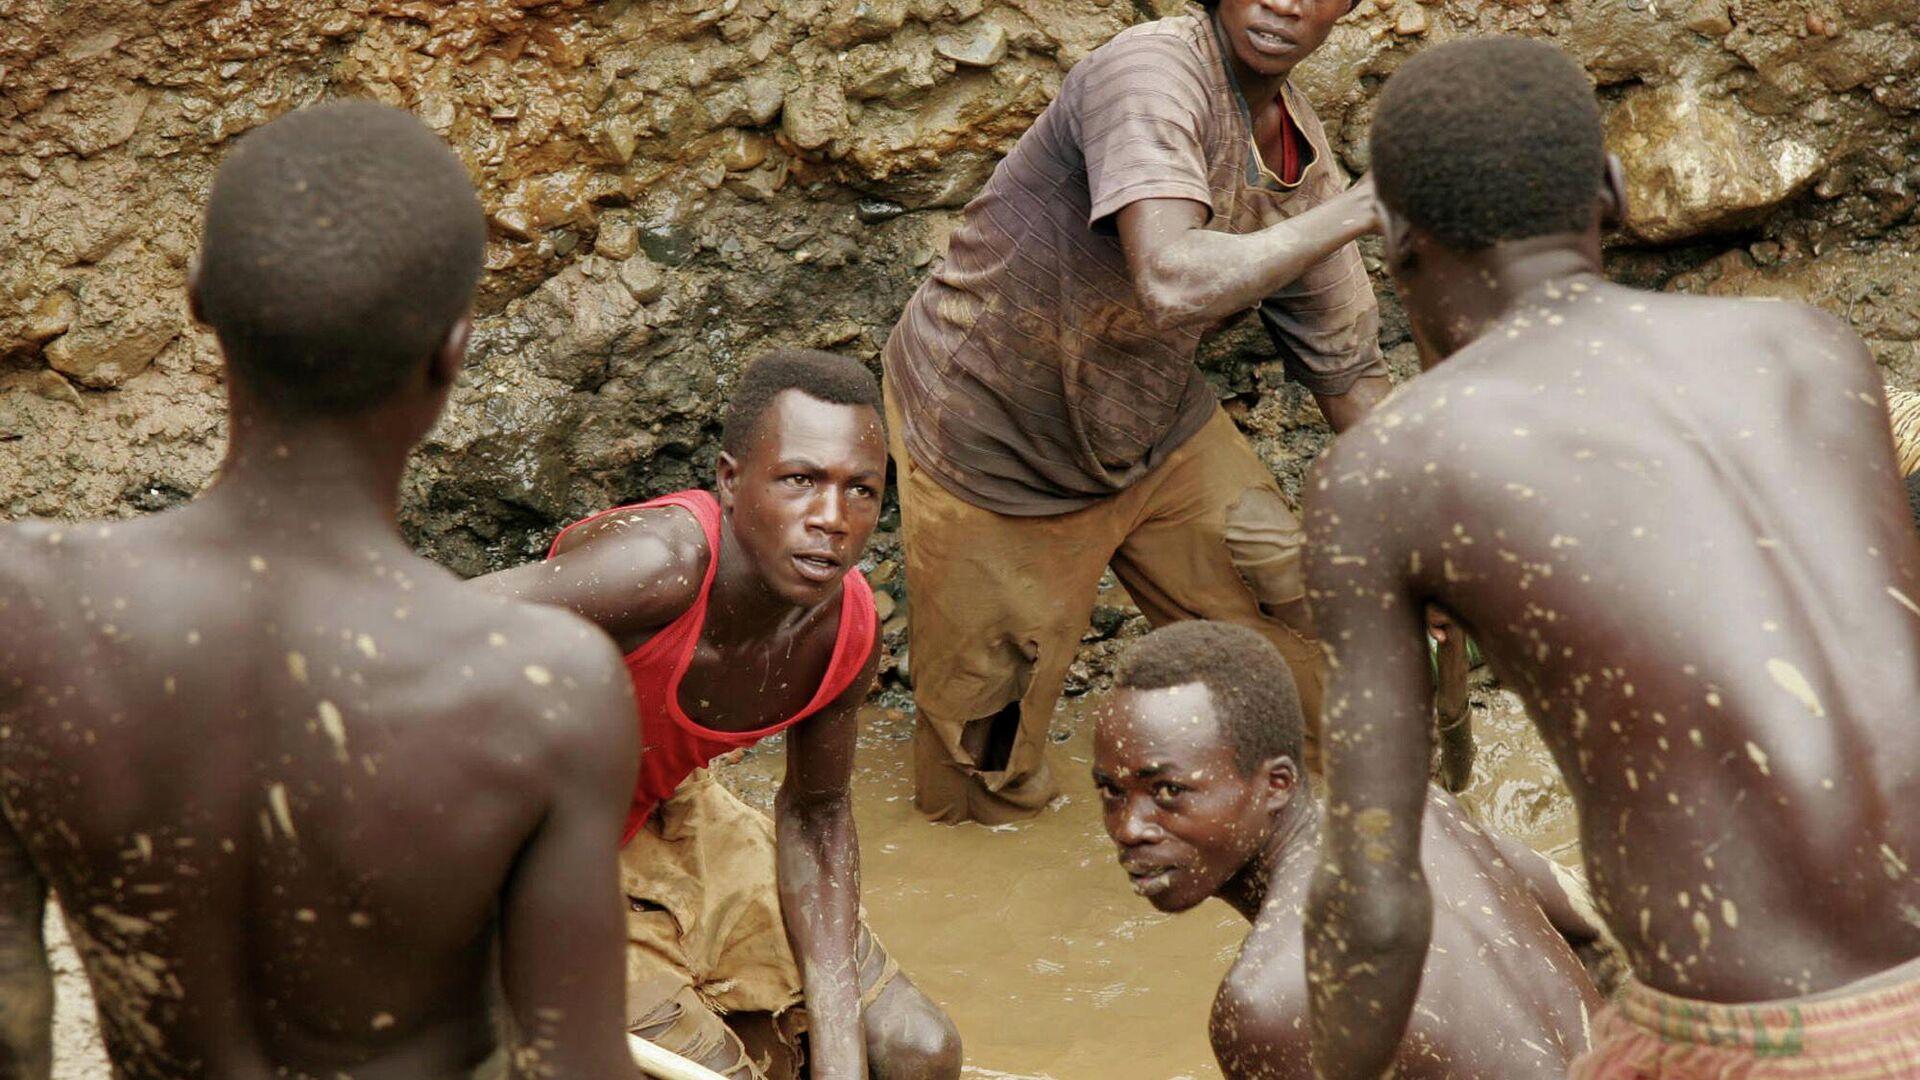 Minería de oro en el Congo, foto de archivo - Sputnik Mundo, 1920, 13.03.2021